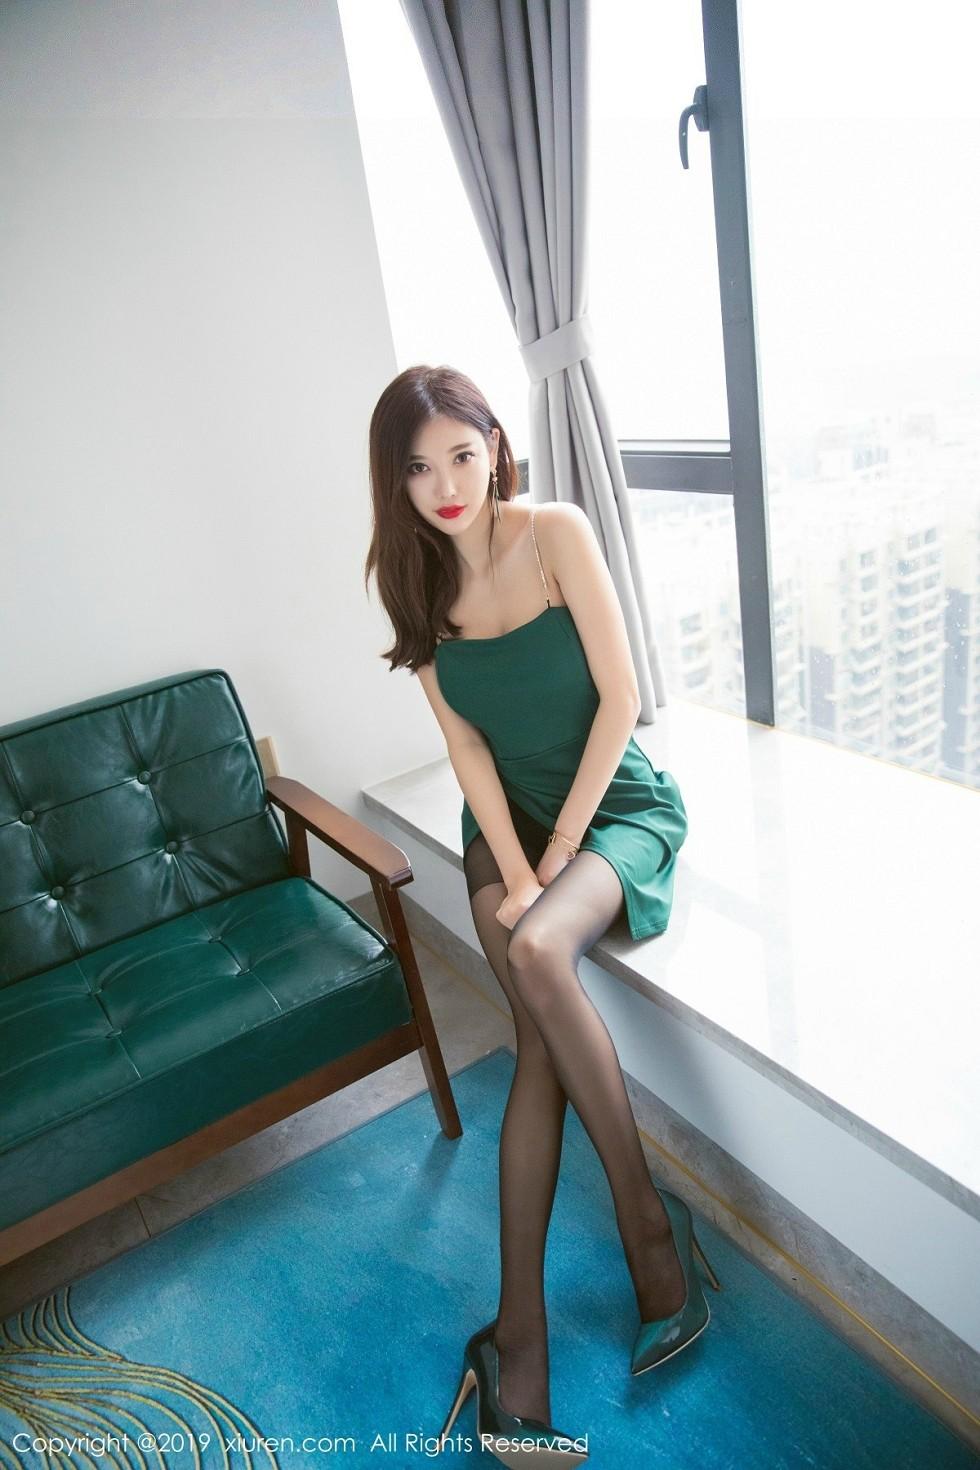 女神杨晨晨sugar低胸连身裙配超薄黑丝裤袜完美诱惑无圣光写真65P